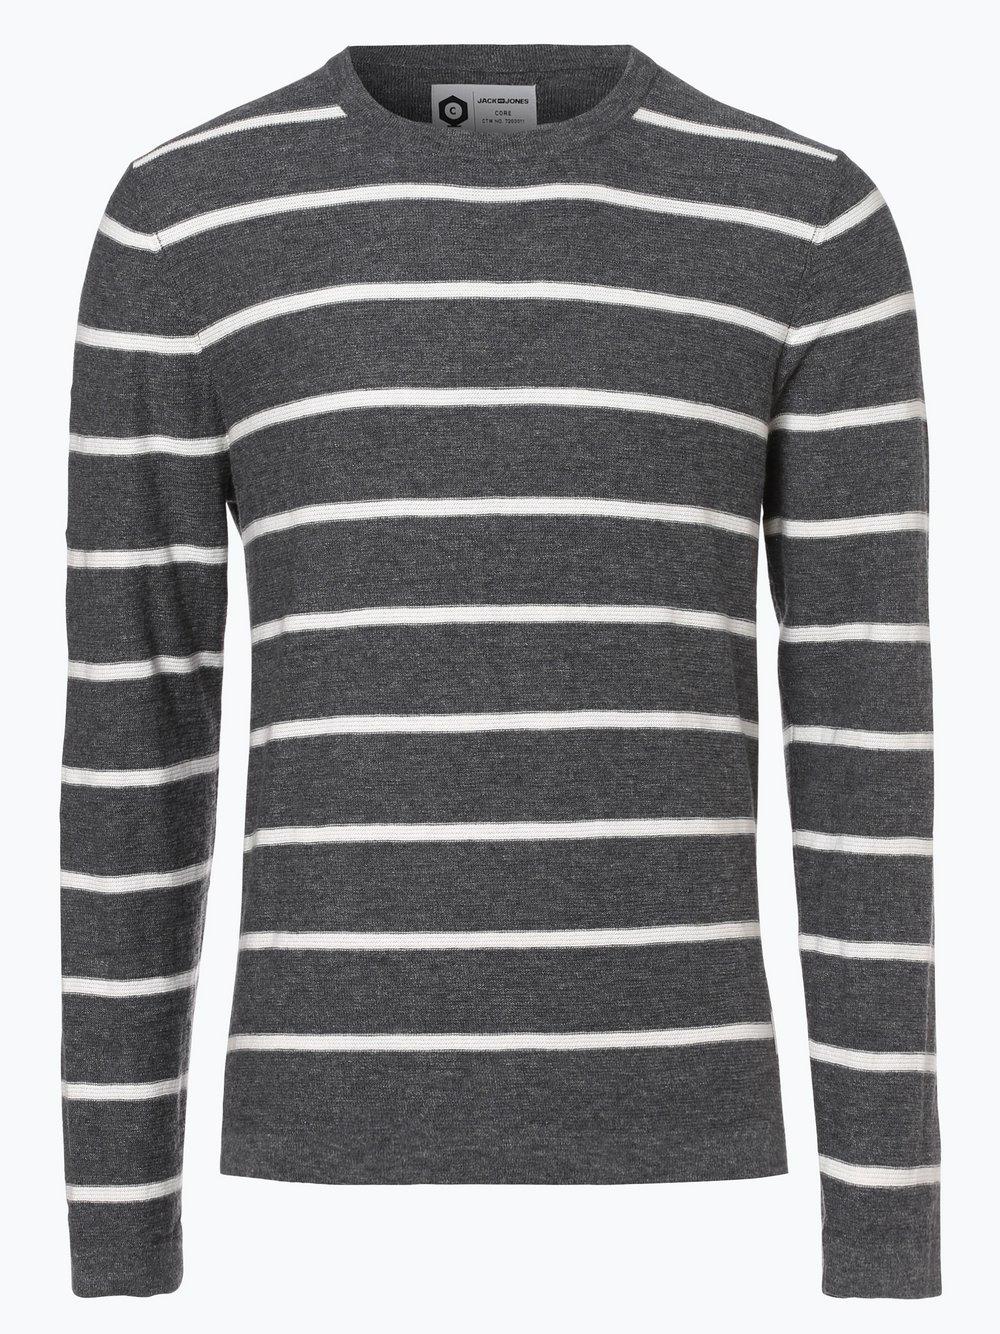 buy online 8a158 e3c0d Jack & Jones Herren Pullover - Ocarson online kaufen | PEEK ...